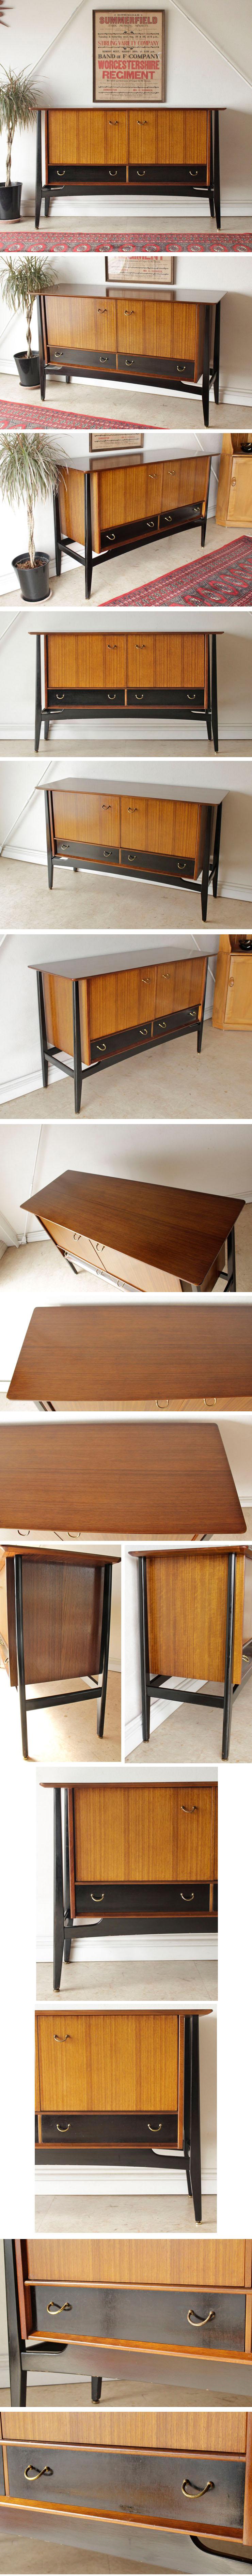 G-planジープラン・サイドボード・キャビネット・ブラック&トーラ/イギリス製ビンテージ家具ミッドセンチュリー